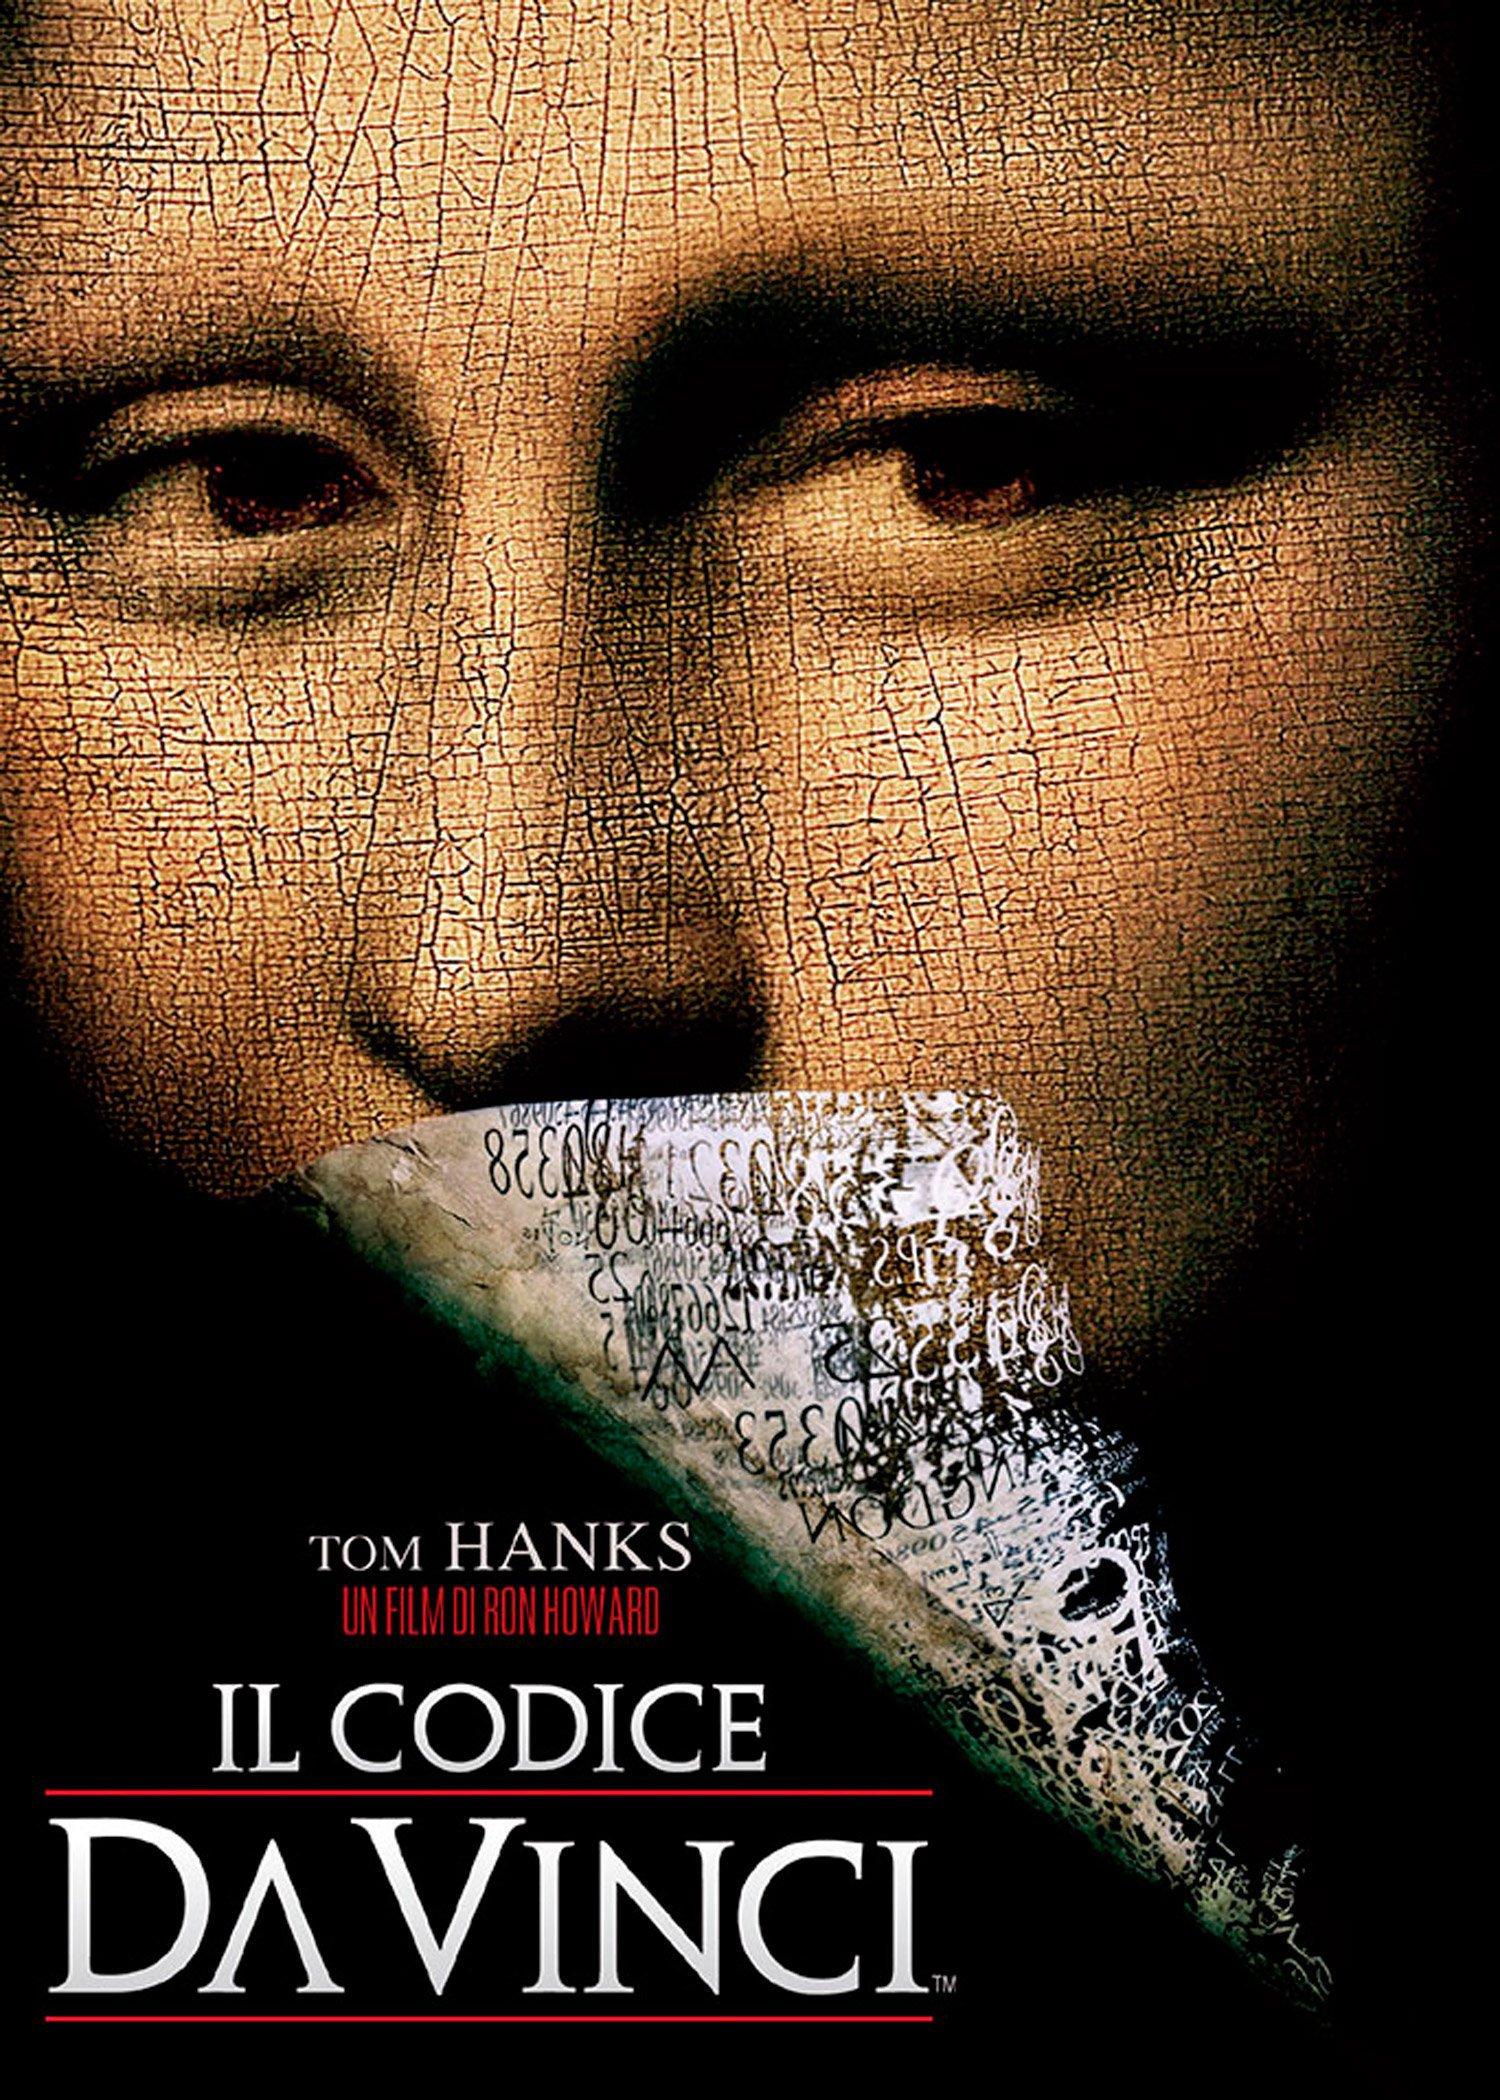 Image of Il Codice Da Vinci